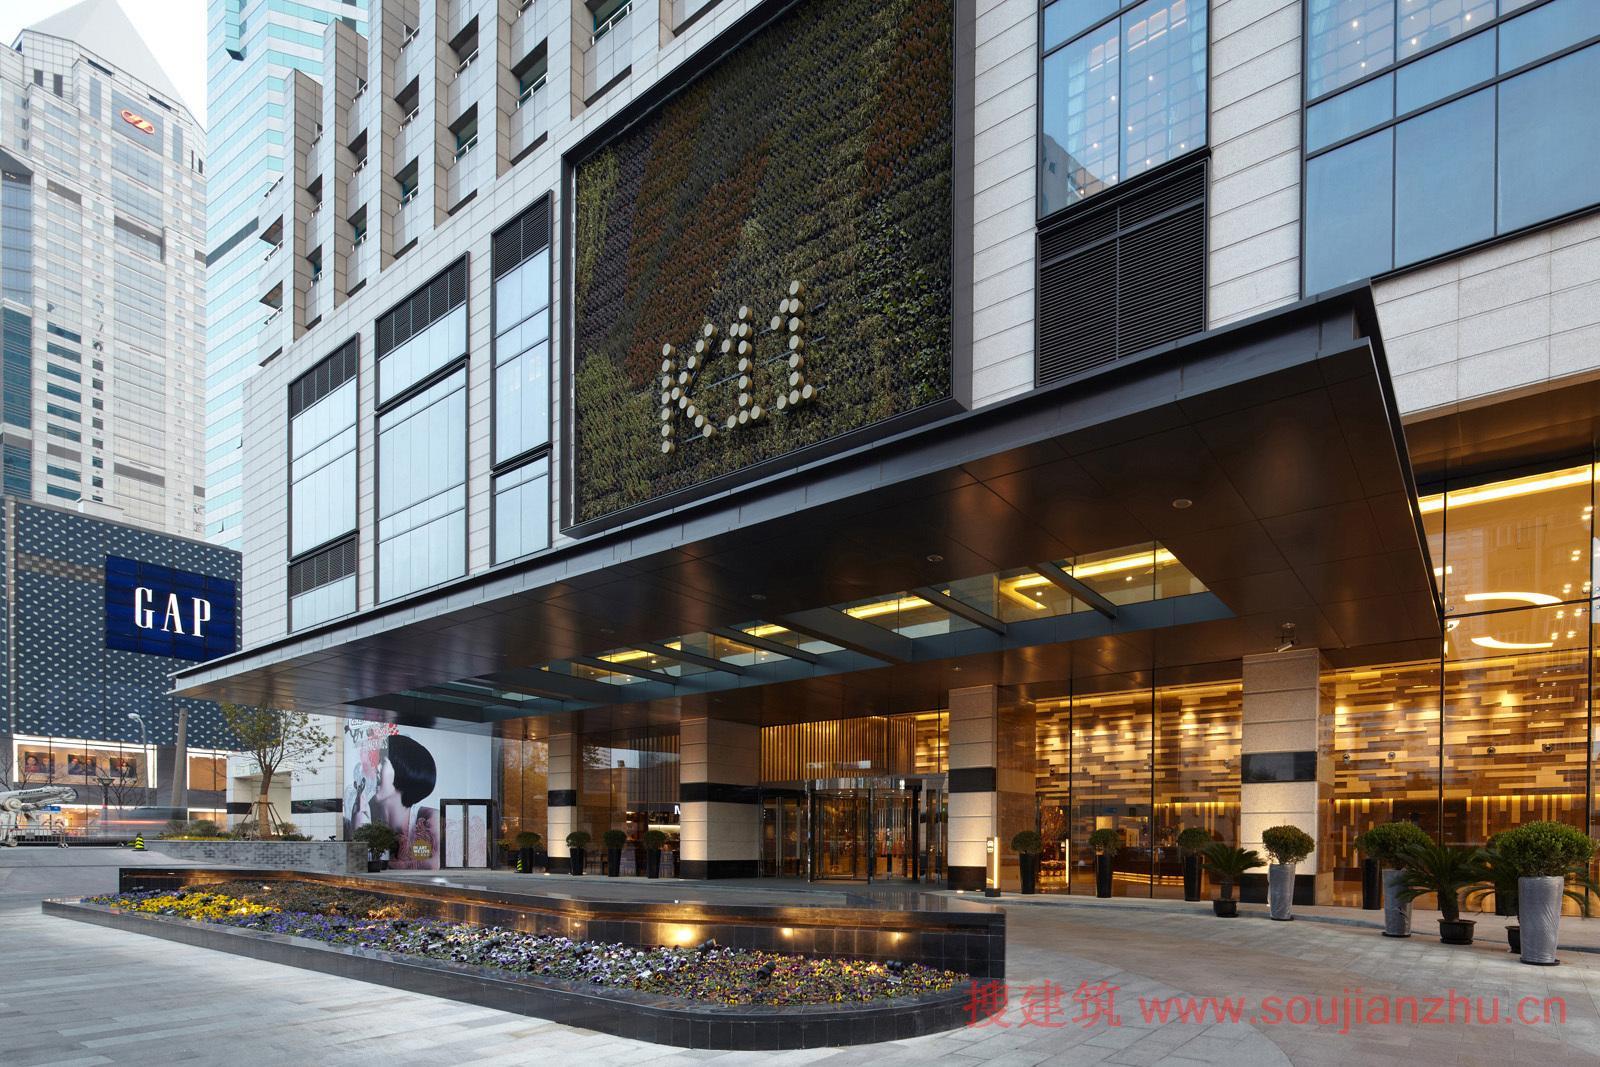 挣钱网_搜建筑网 -- 上海·K11购物艺术中心---Kokaistudios